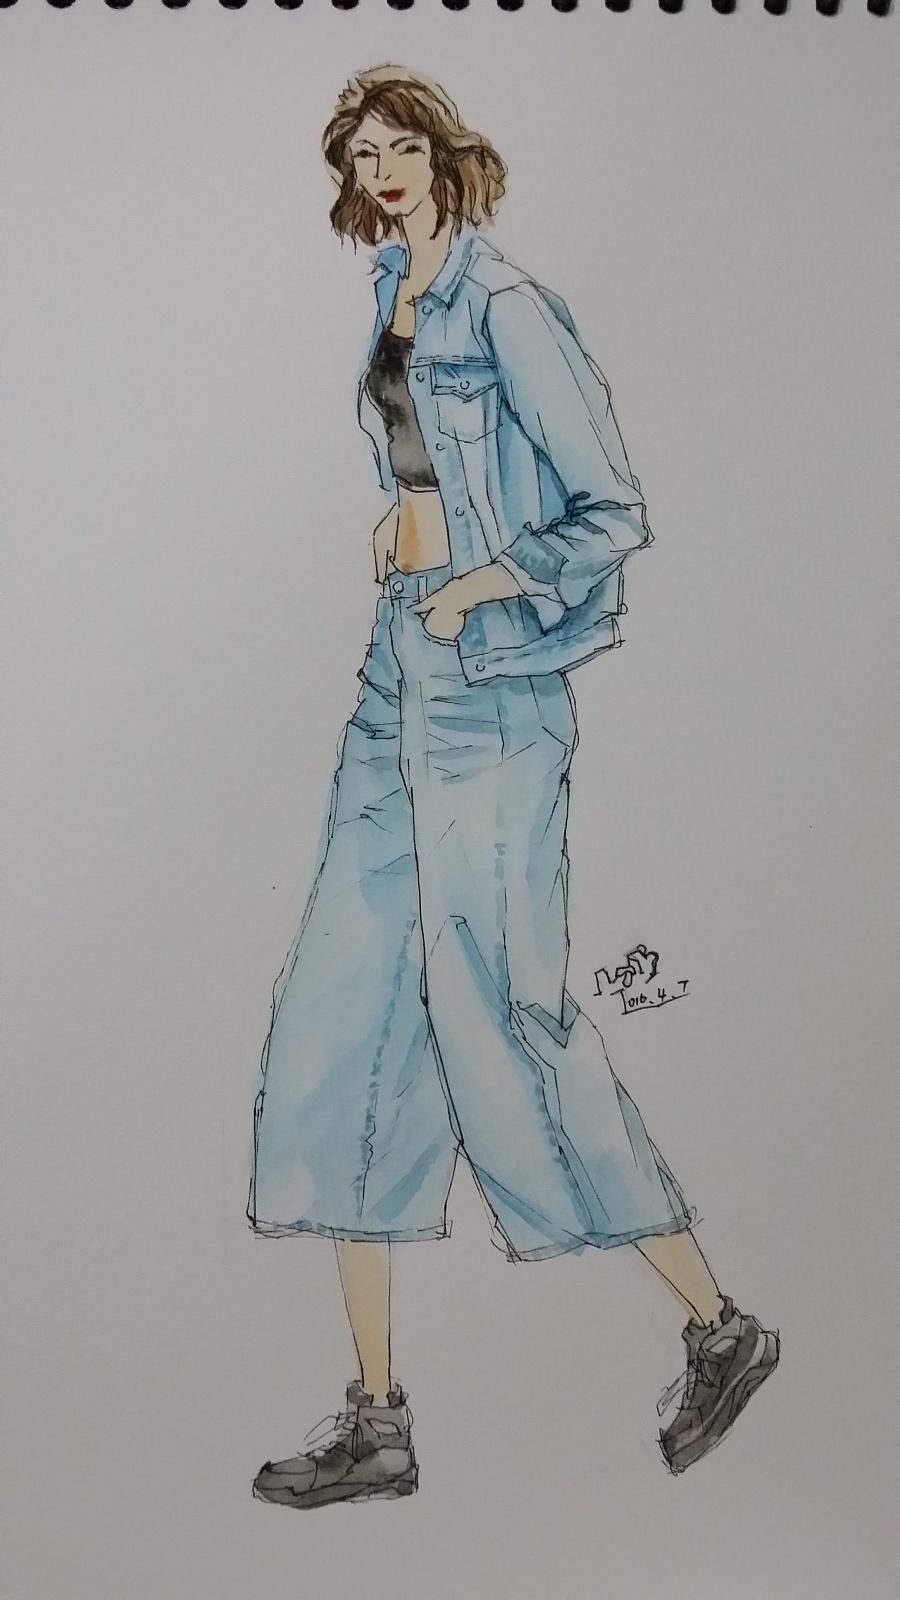 手绘时装插画(春季女装搭配)|休闲/流行服饰|服装